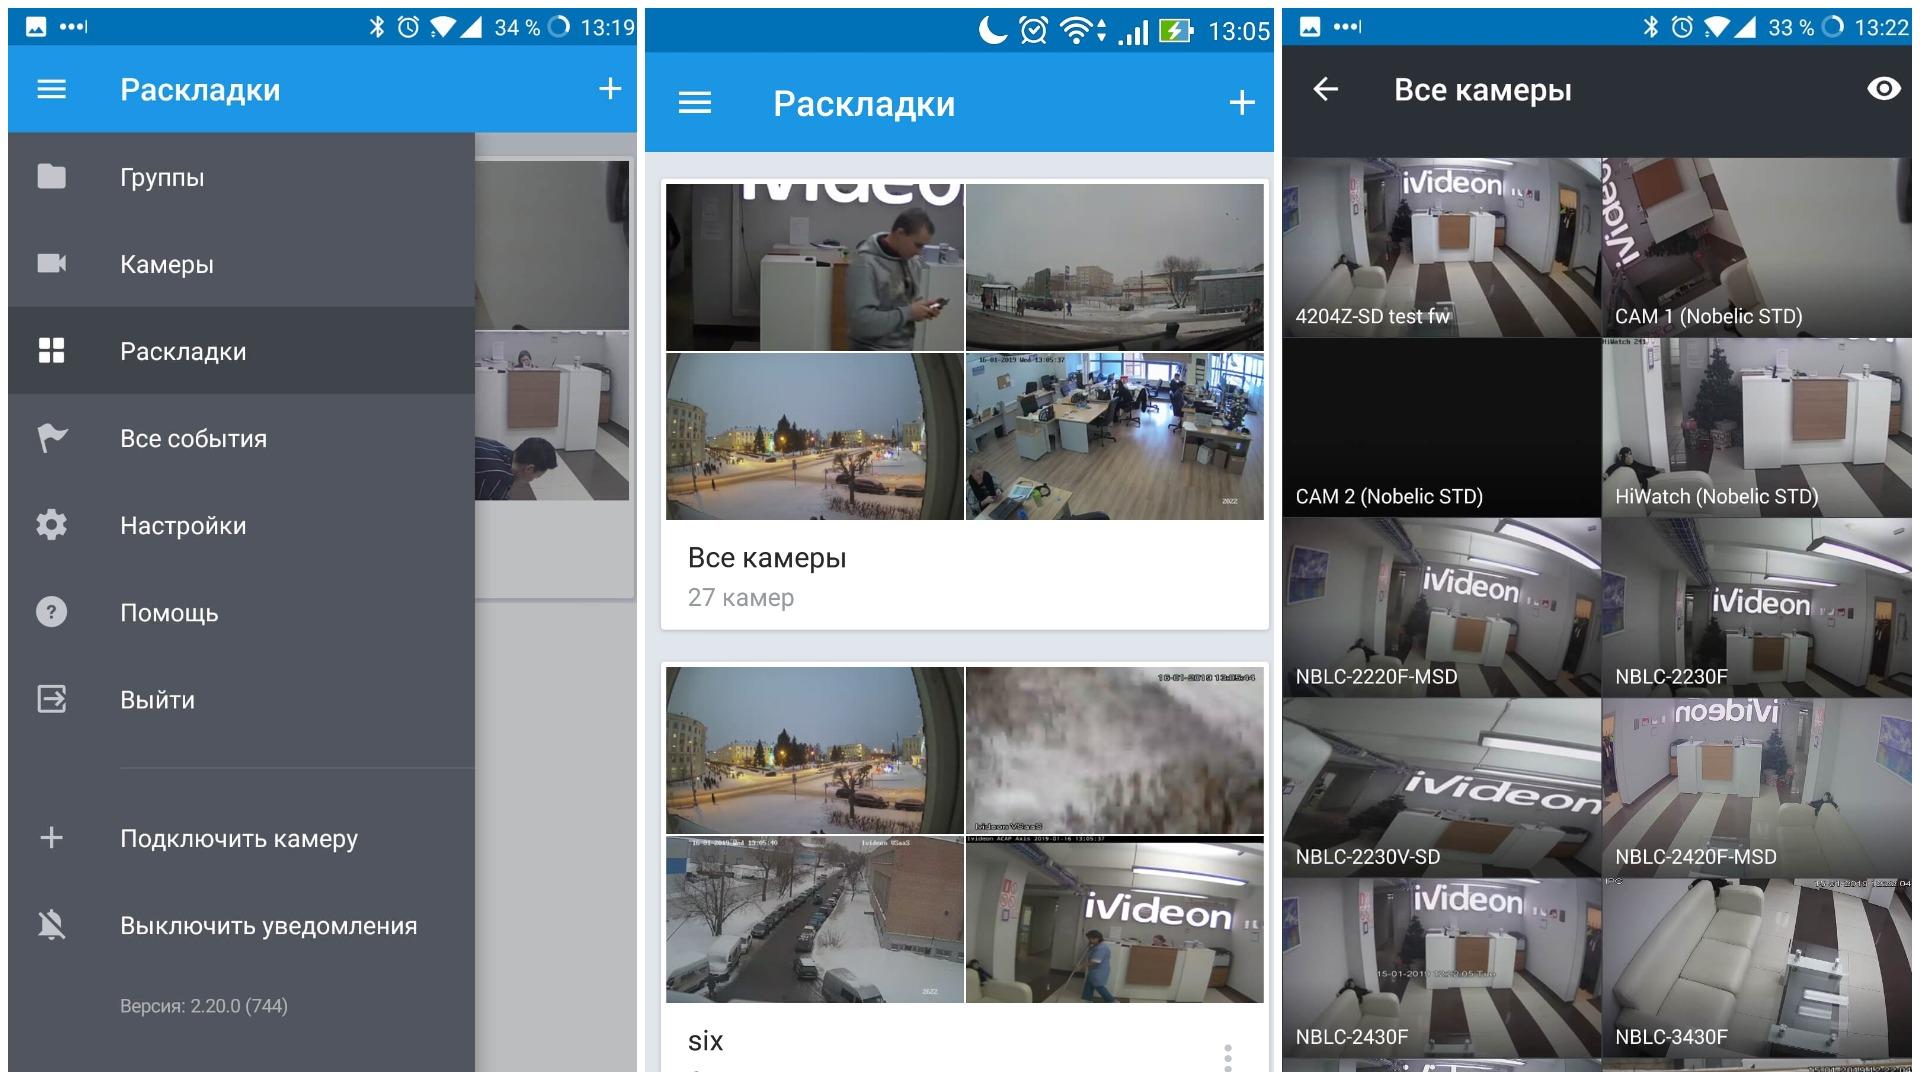 Как устроена система видеонаблюдения Ivideon: обзор мобильного